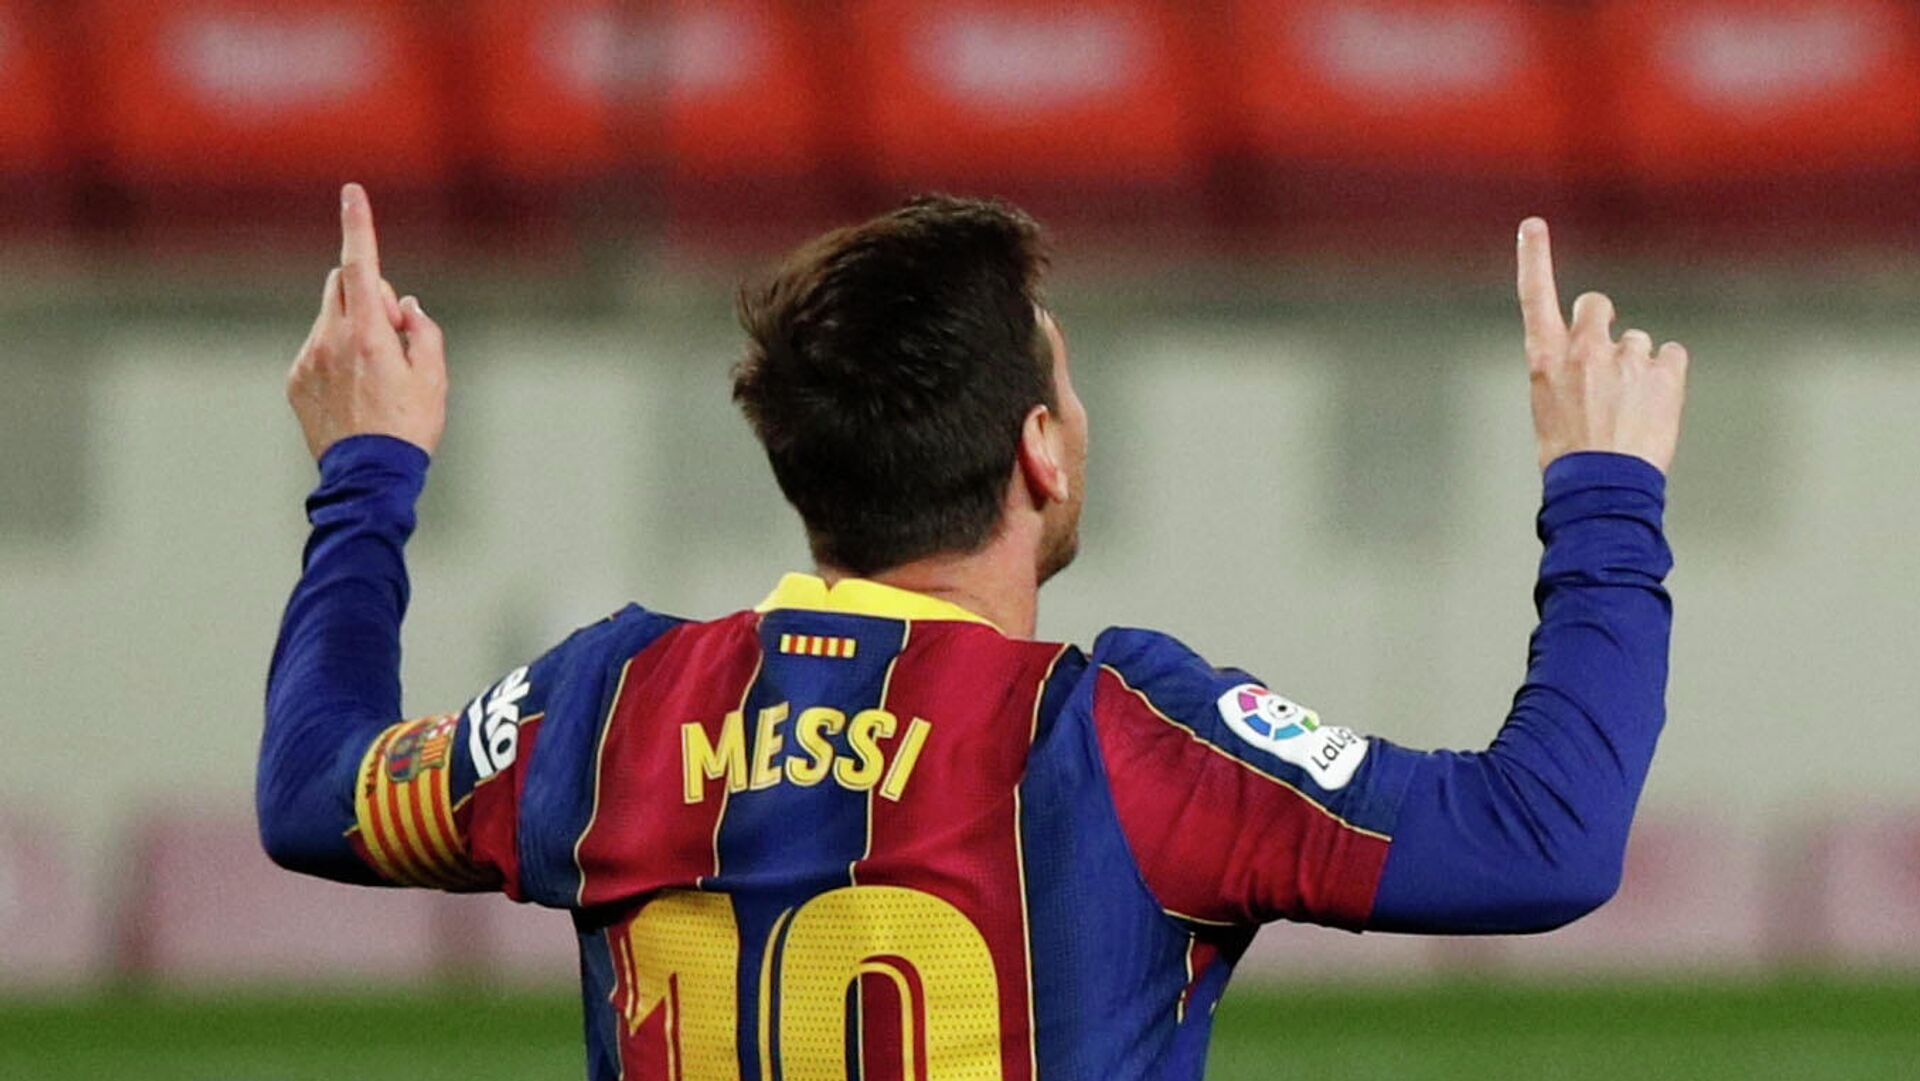 Lionel Messi, futbolista argentino - Sputnik Mundo, 1920, 04.05.2021